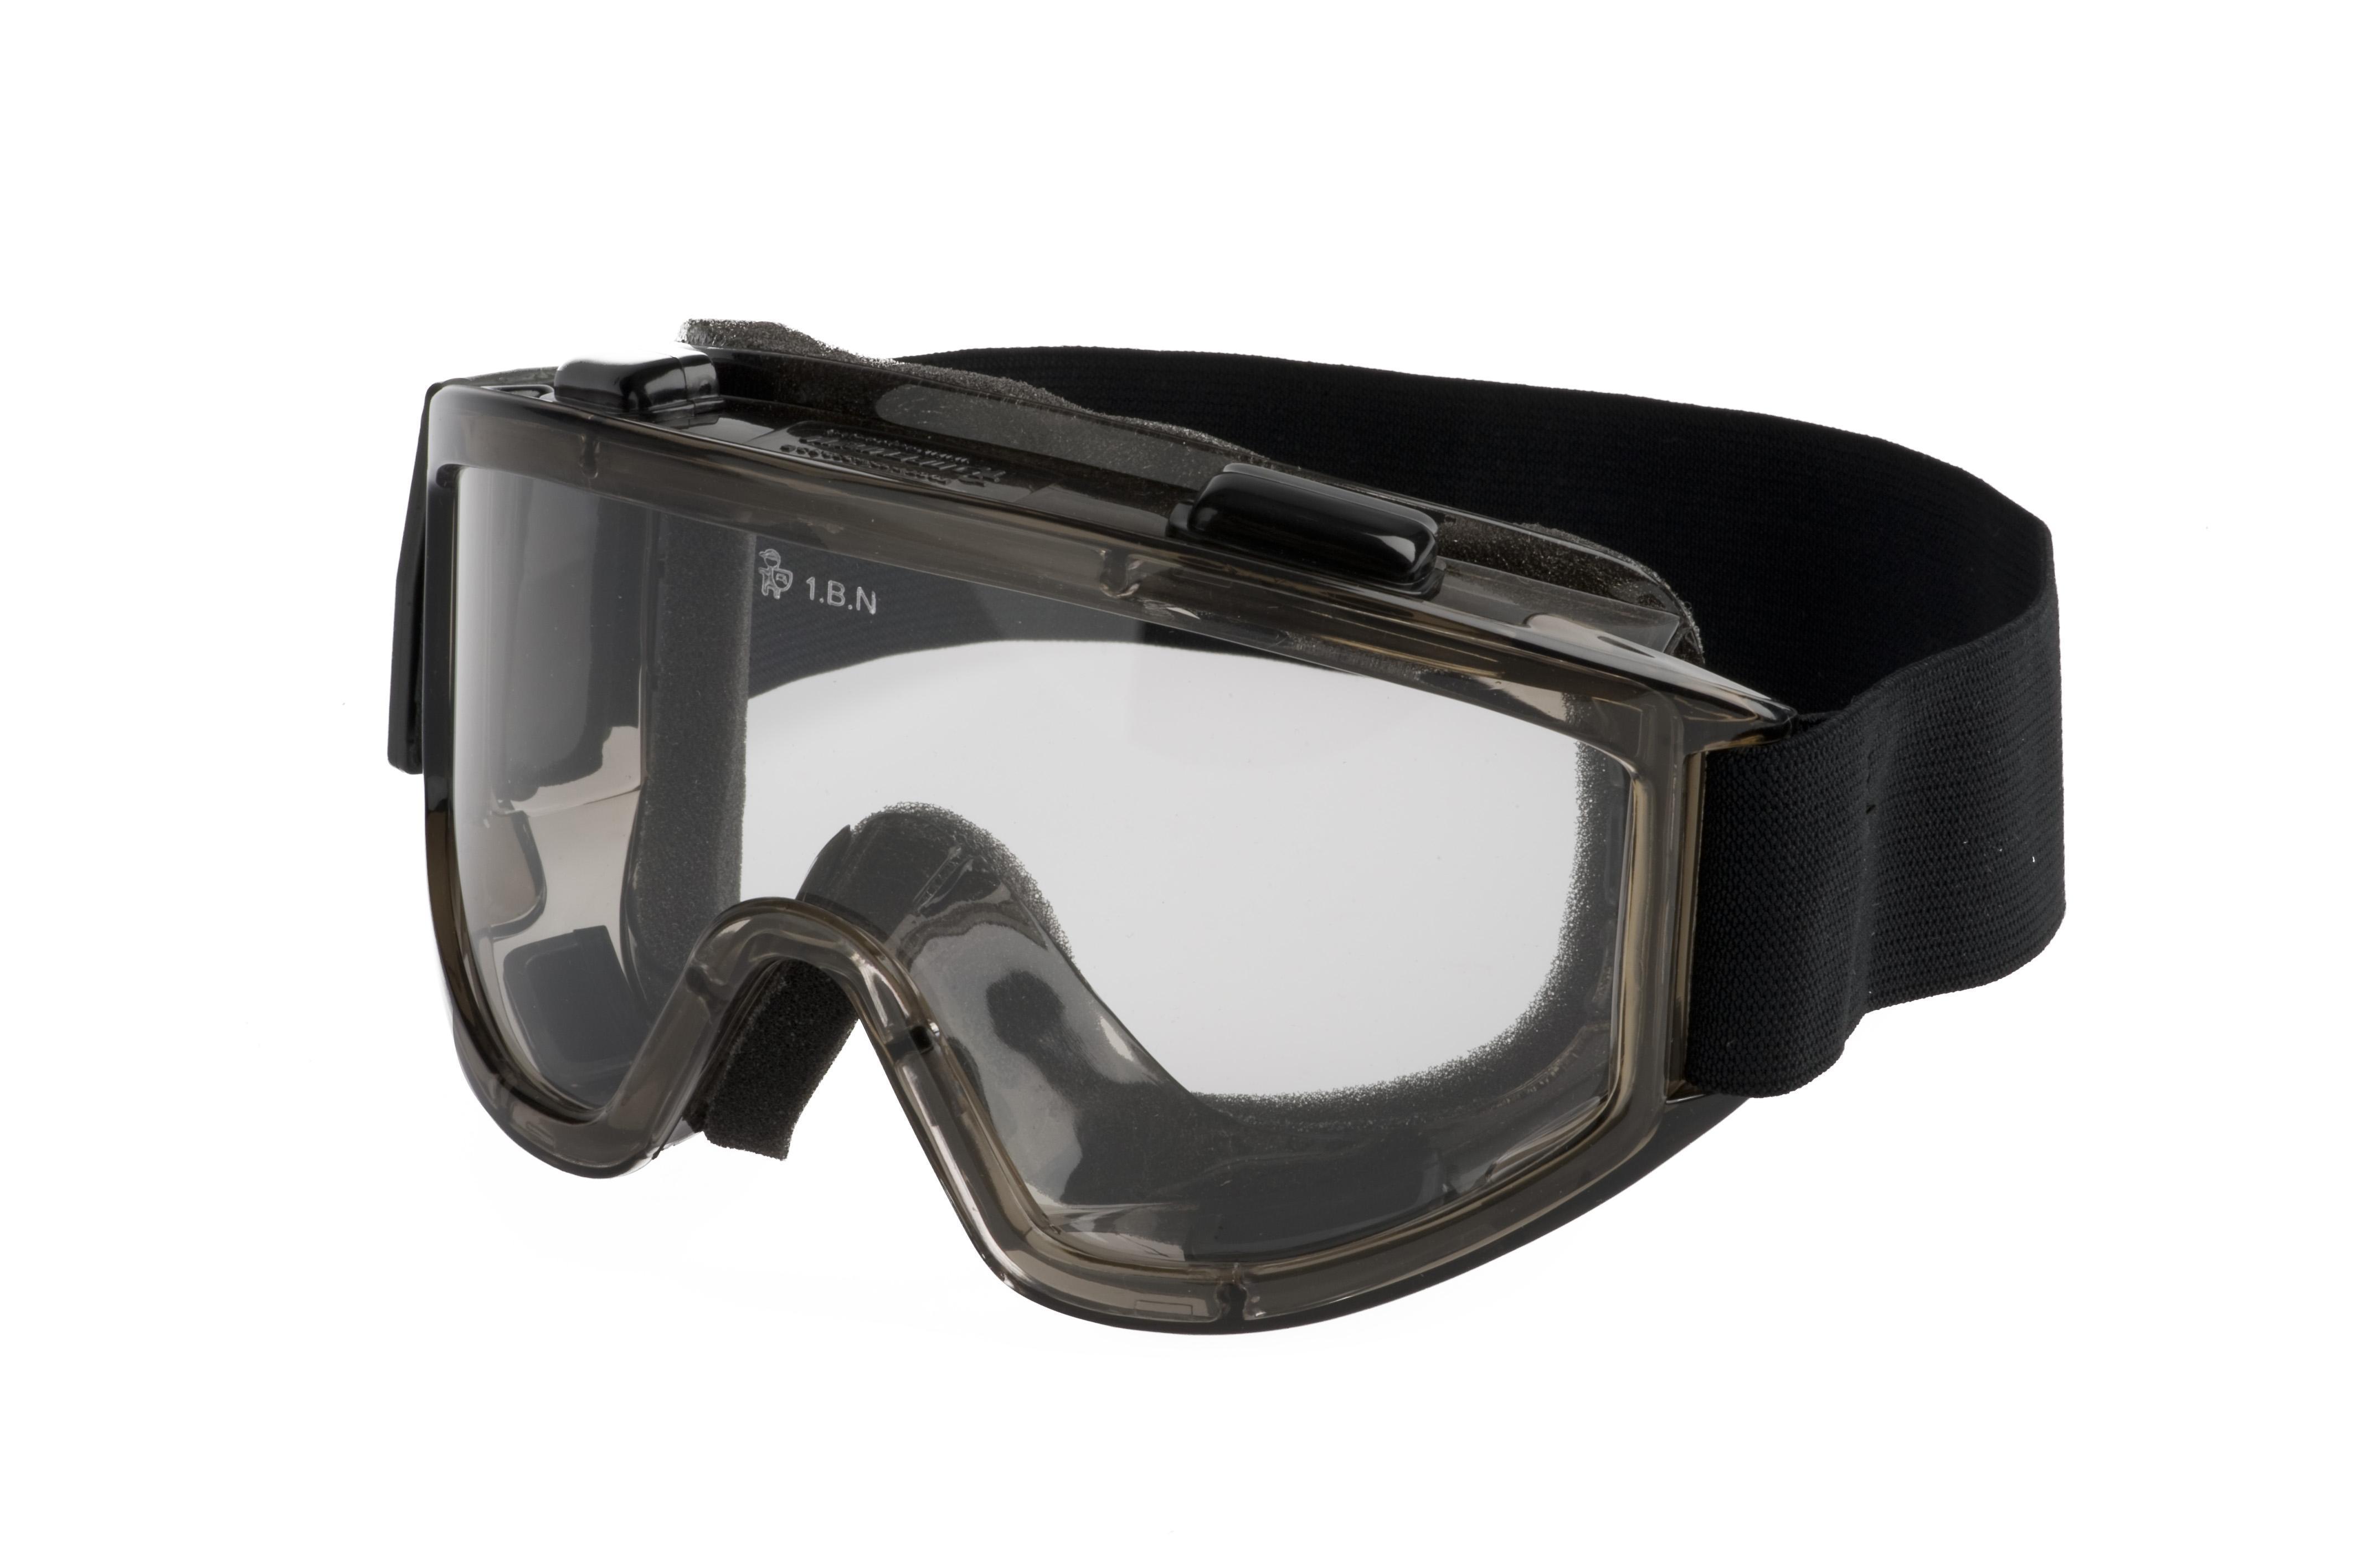 Очки защитные AmparoЗащитные очки<br>Тип очков: закрытые,<br>Цвет: прозрачный,<br>Материал: поликарбонат,<br>Использование с корректирующими очками: есть,<br>Защита от мелких частиц: есть,<br>Защита от ультрафиолетового излучения: есть,<br>Защита от химических веществ: есть<br>